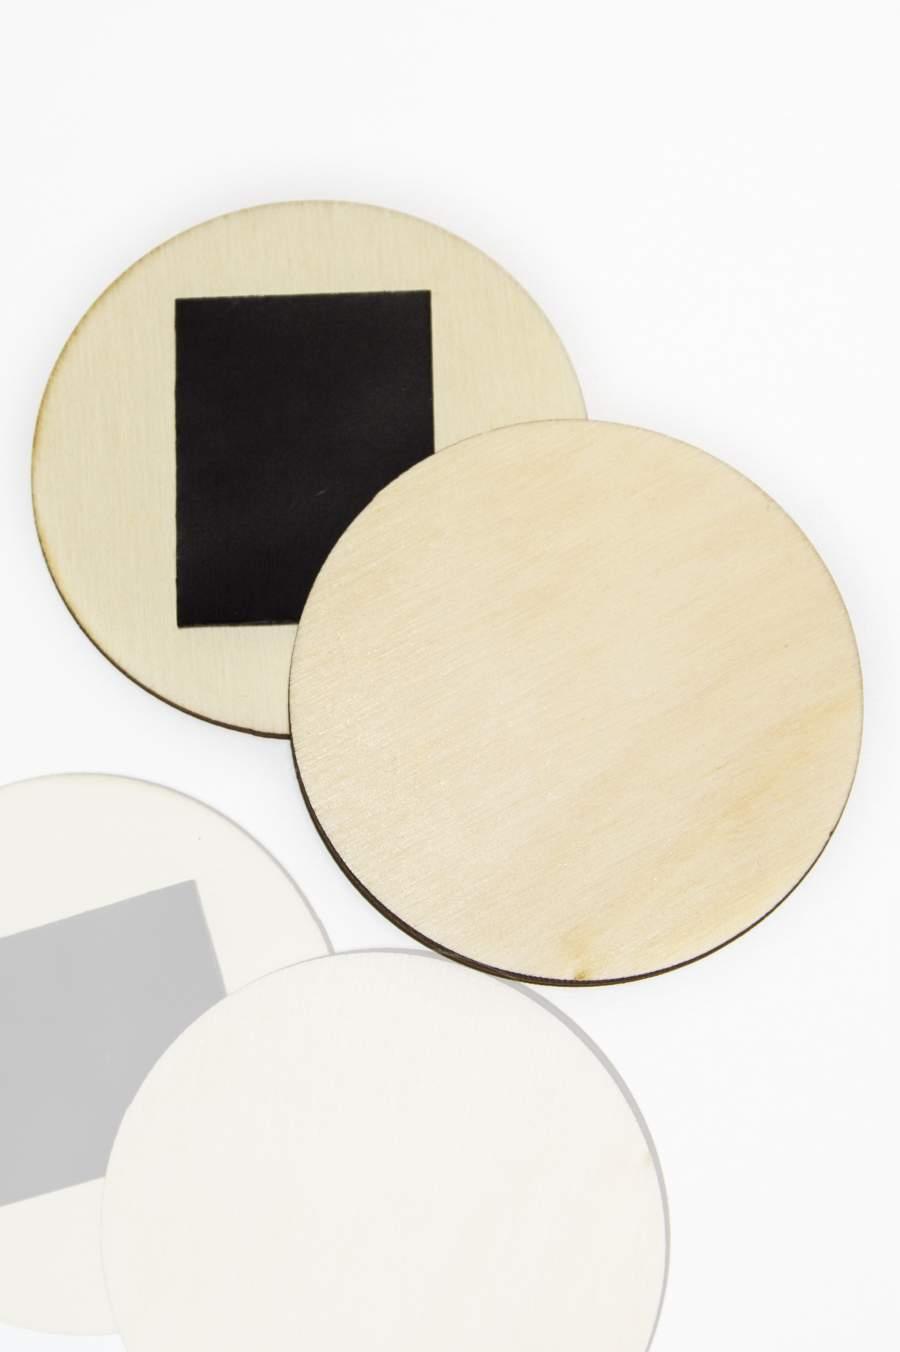 101. Placă din lemn pentru magnet frigider, felie rotundă Ø80mm